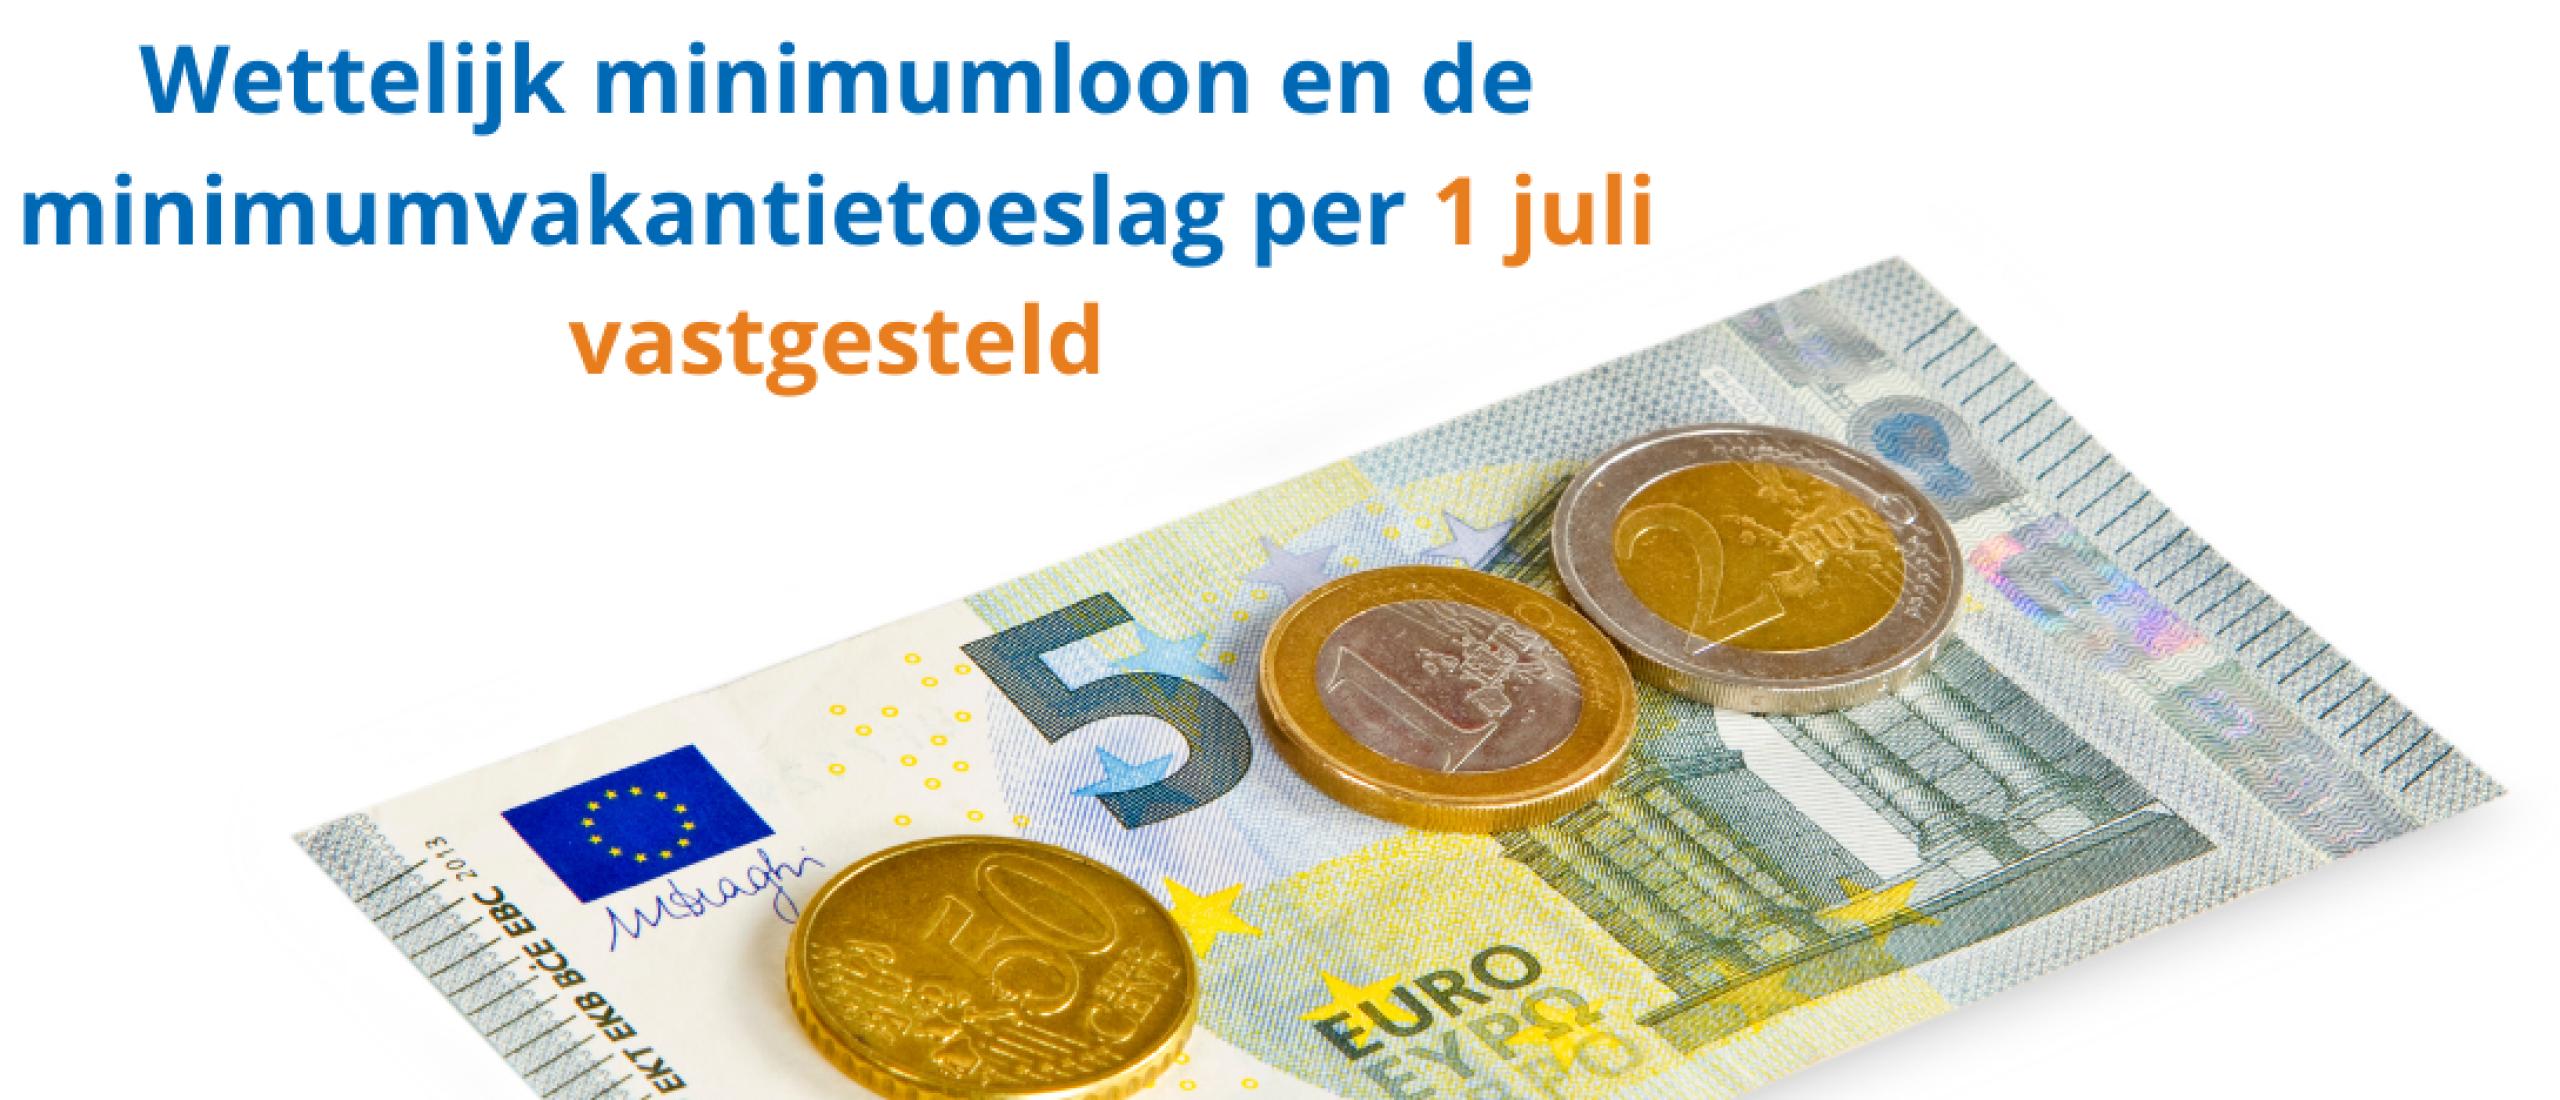 Wettelijk minimumloon